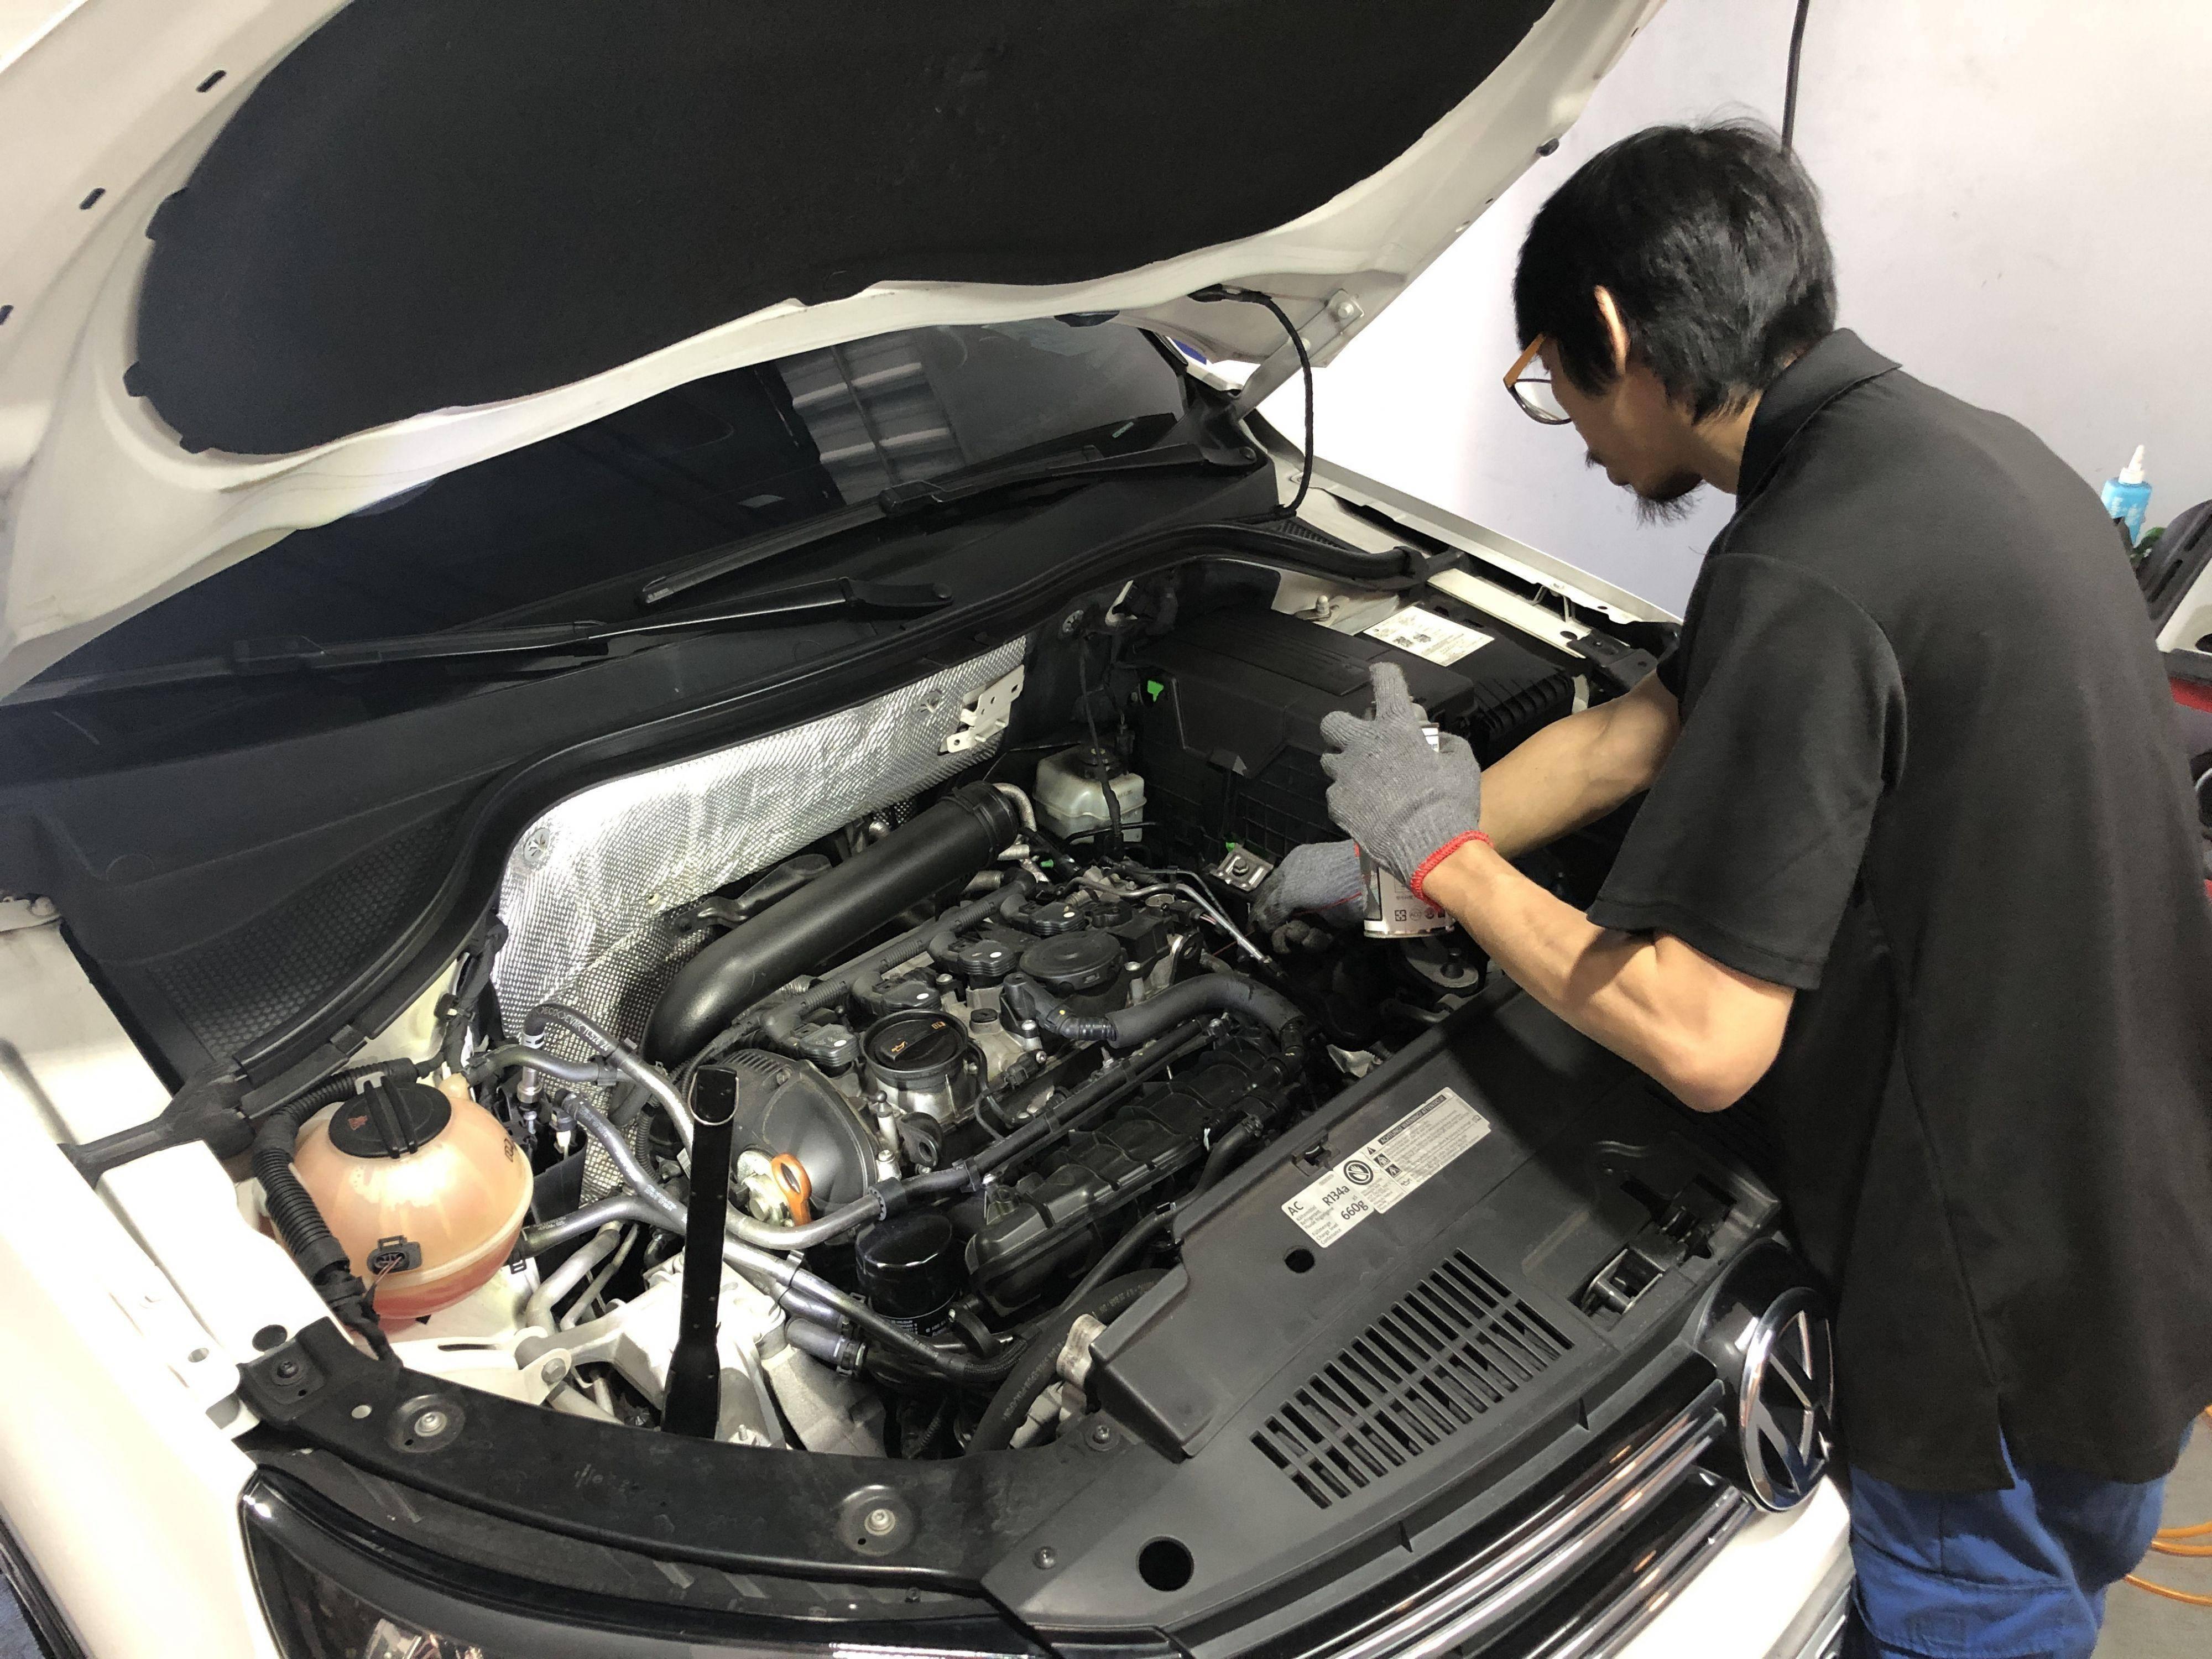 引擎上座墊片漏油維修,施工前林老闆將油漬清洗乾淨以方便施工。